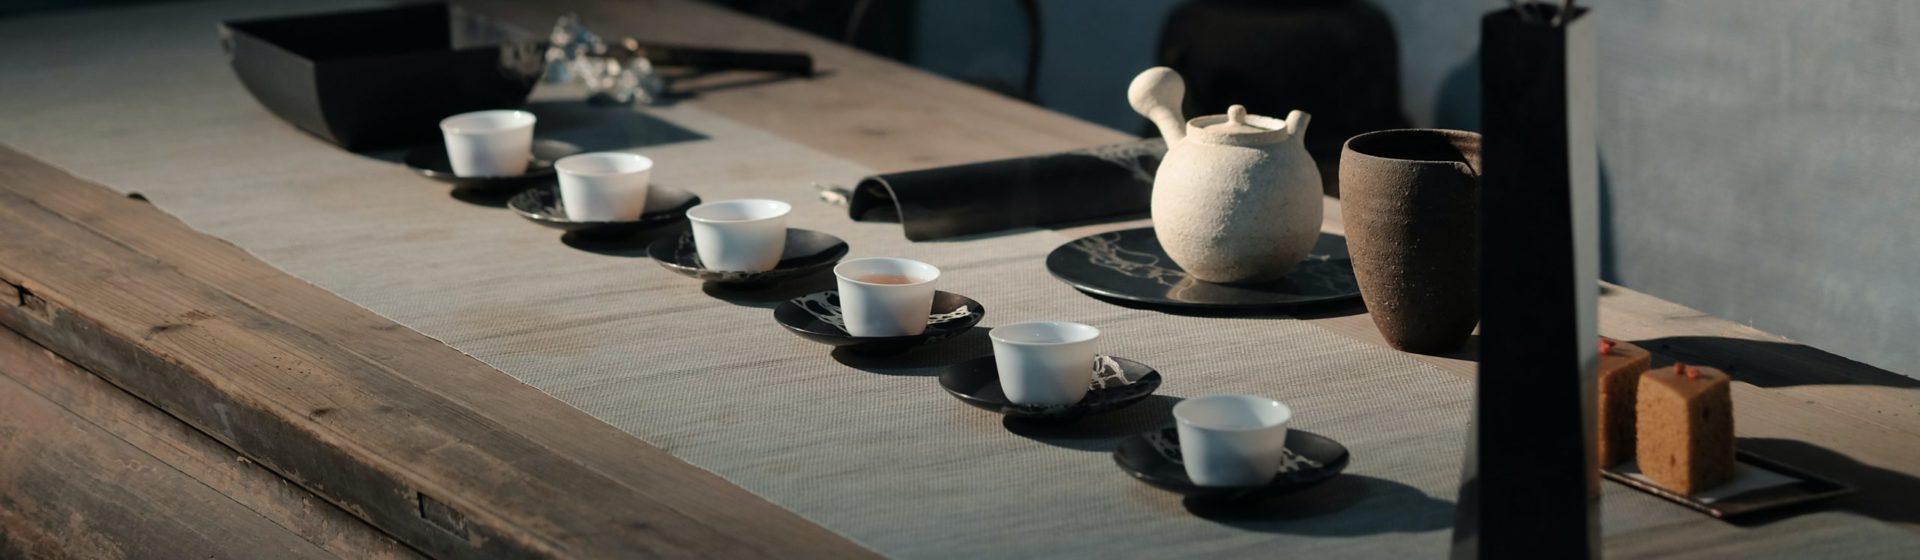 minőségi szálas teák kiegészítők, ajándékcsomagok franchise vendéglátás, kereskedelem